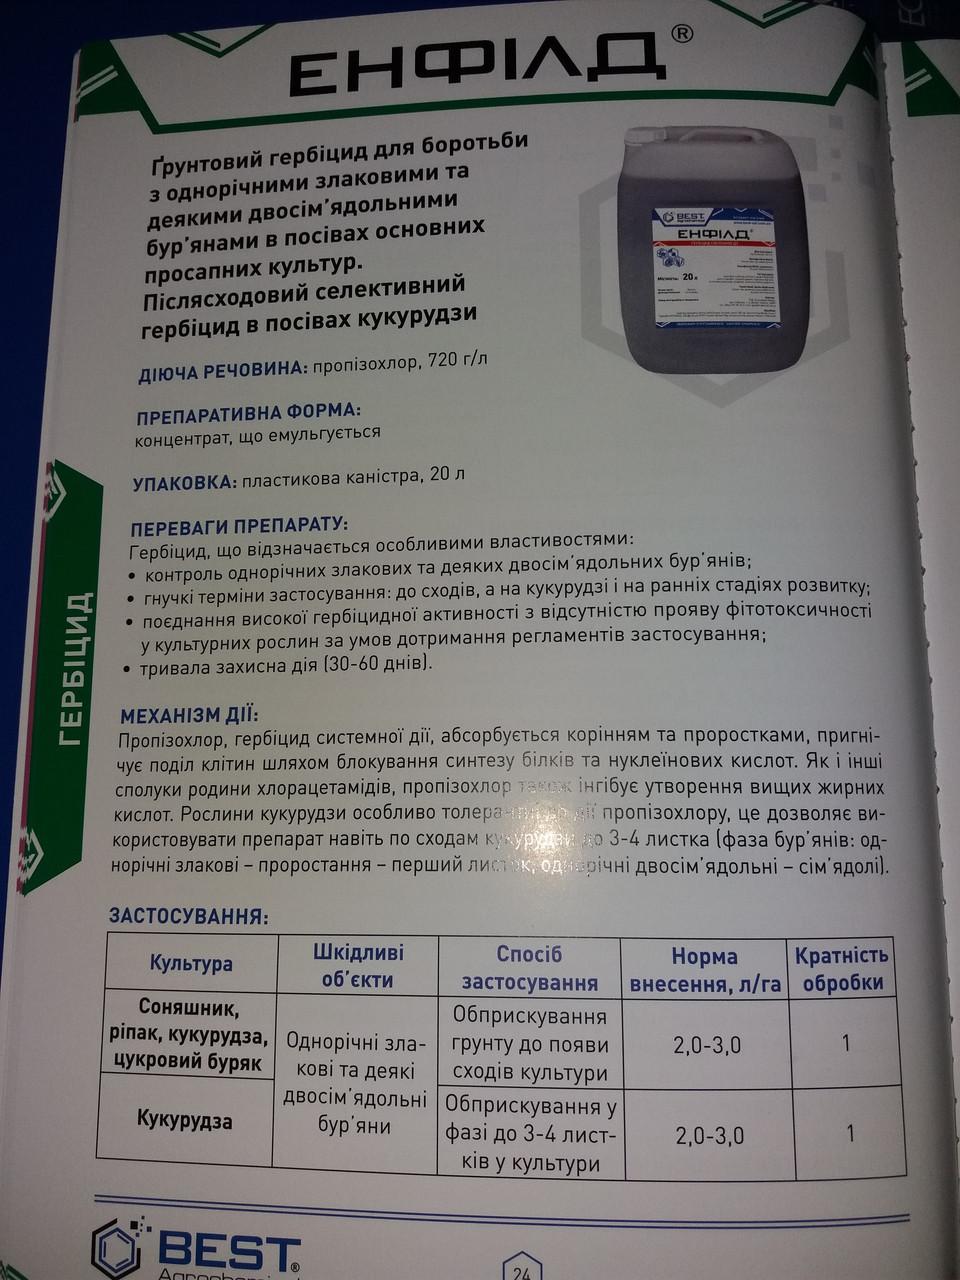 Селективний гербіцид для Кукурудзи Енфілд пропізохлор 720г/л. Післявсходовий гербіцид Енфілд на Кукурудзу.